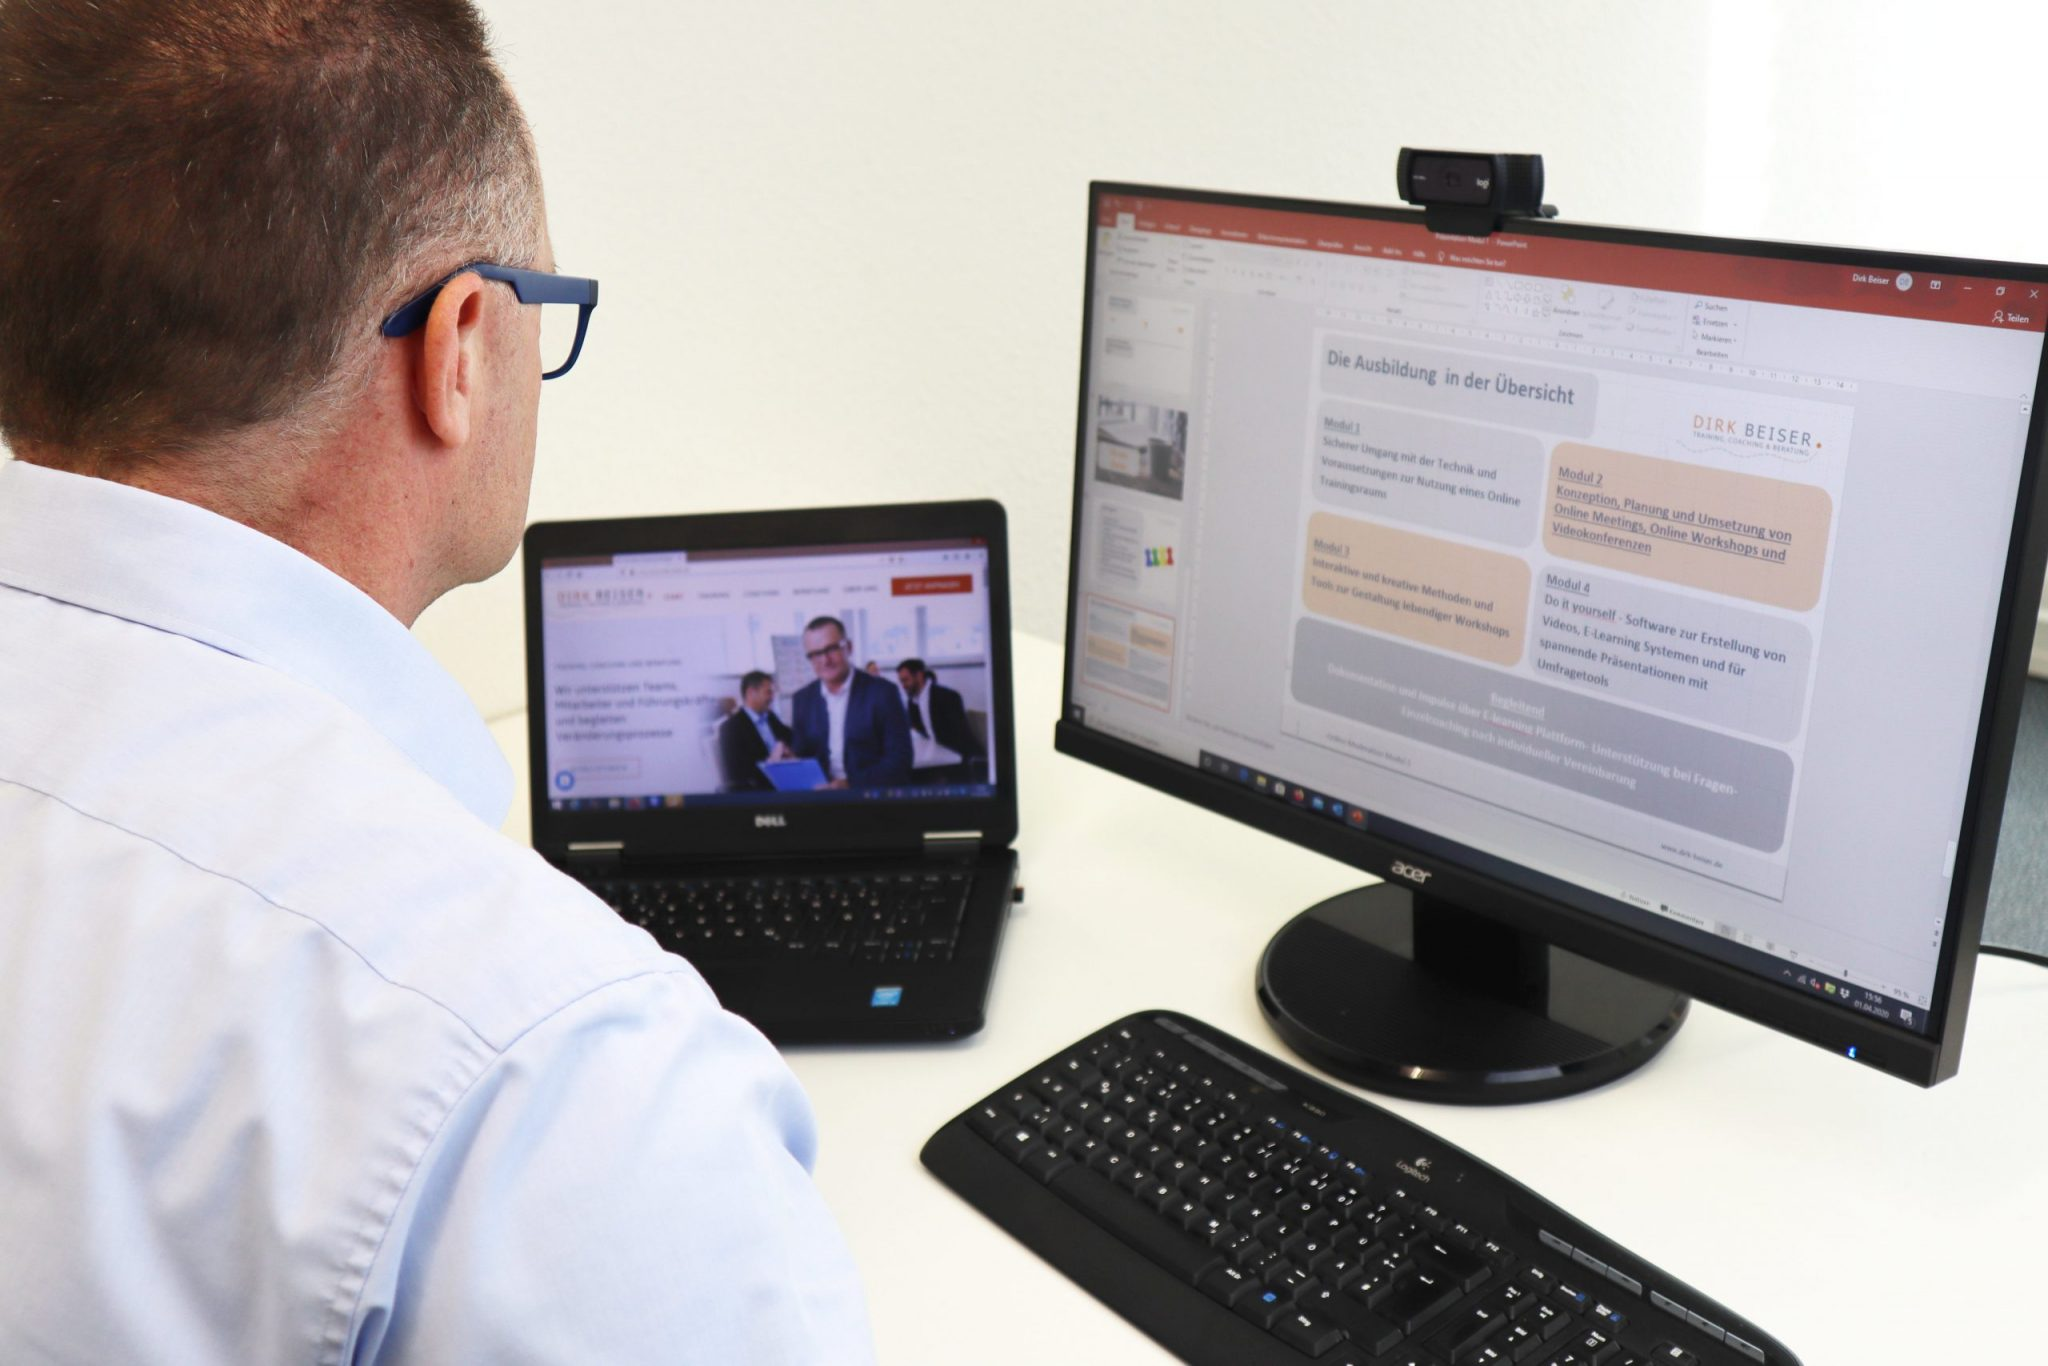 Checkliste für Videokonferenz - Tipps und Tricks